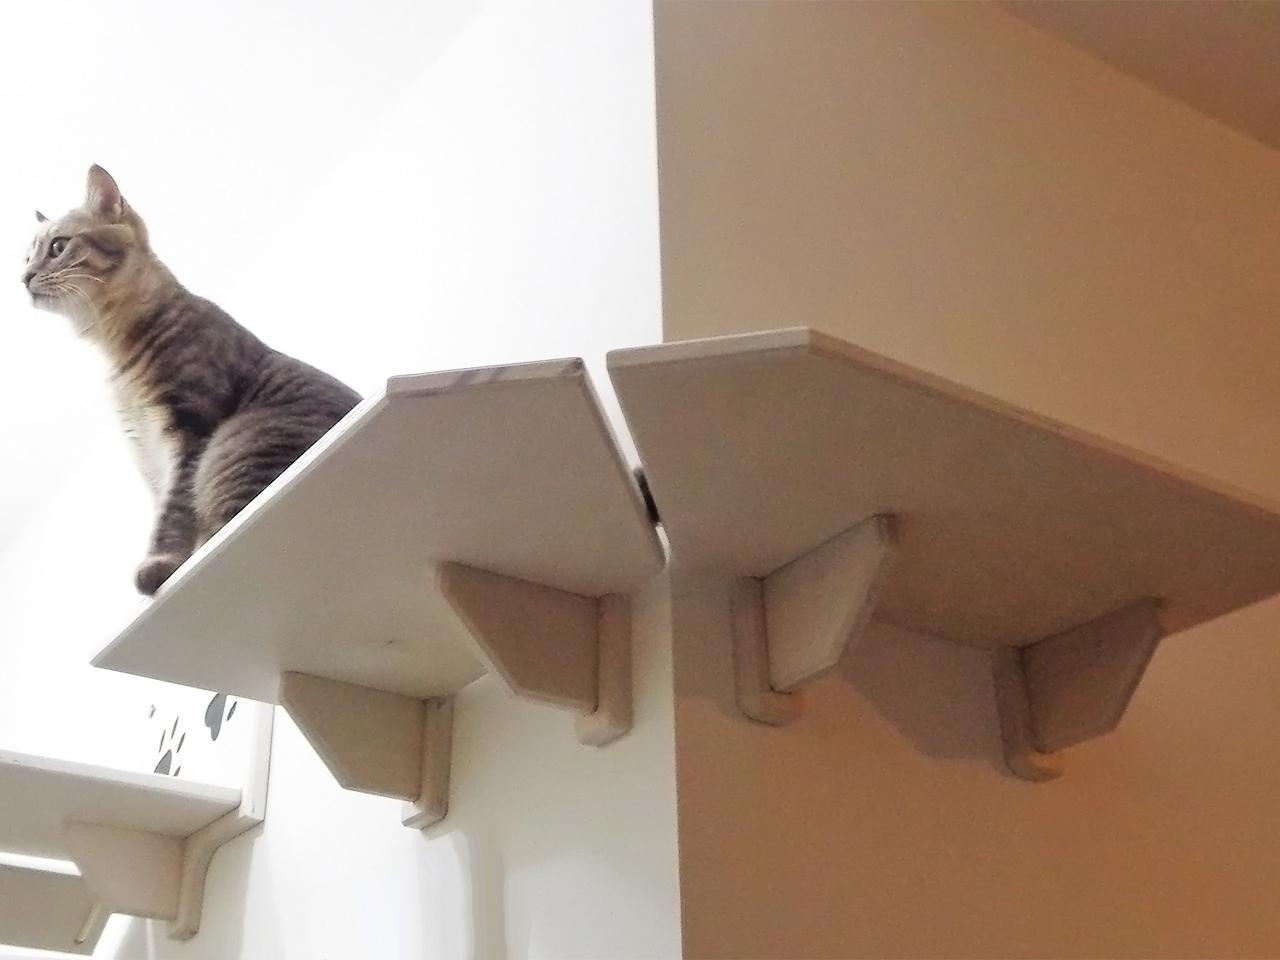 Mensola per gatti ad angolo in legno made in italy for Mensole per gatti ikea